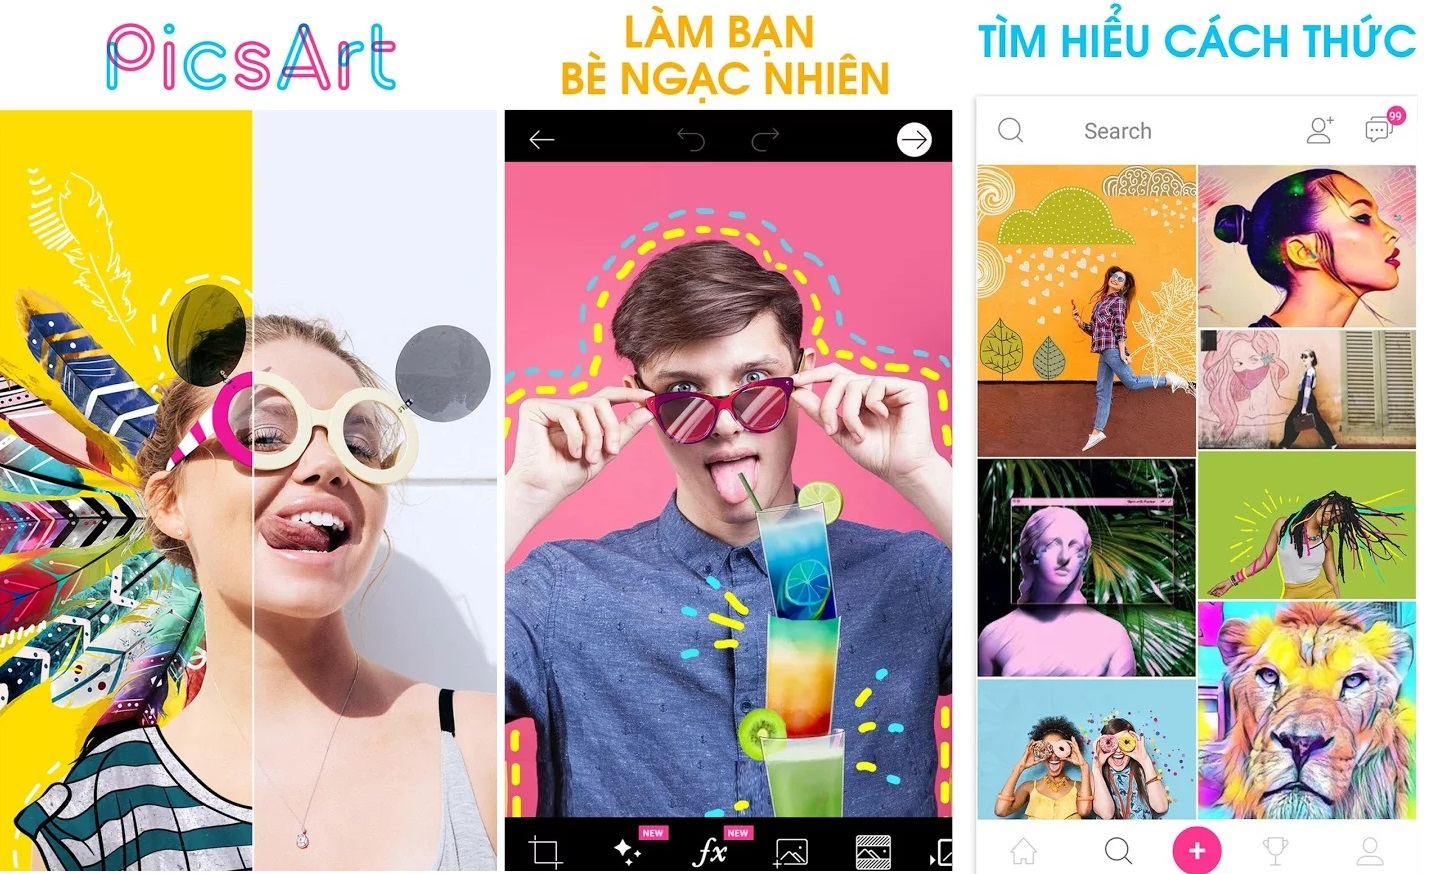 PicsArt Photo Editor: Tạo Ảnh ghép & Chỉnh sửa Ảnh Mod